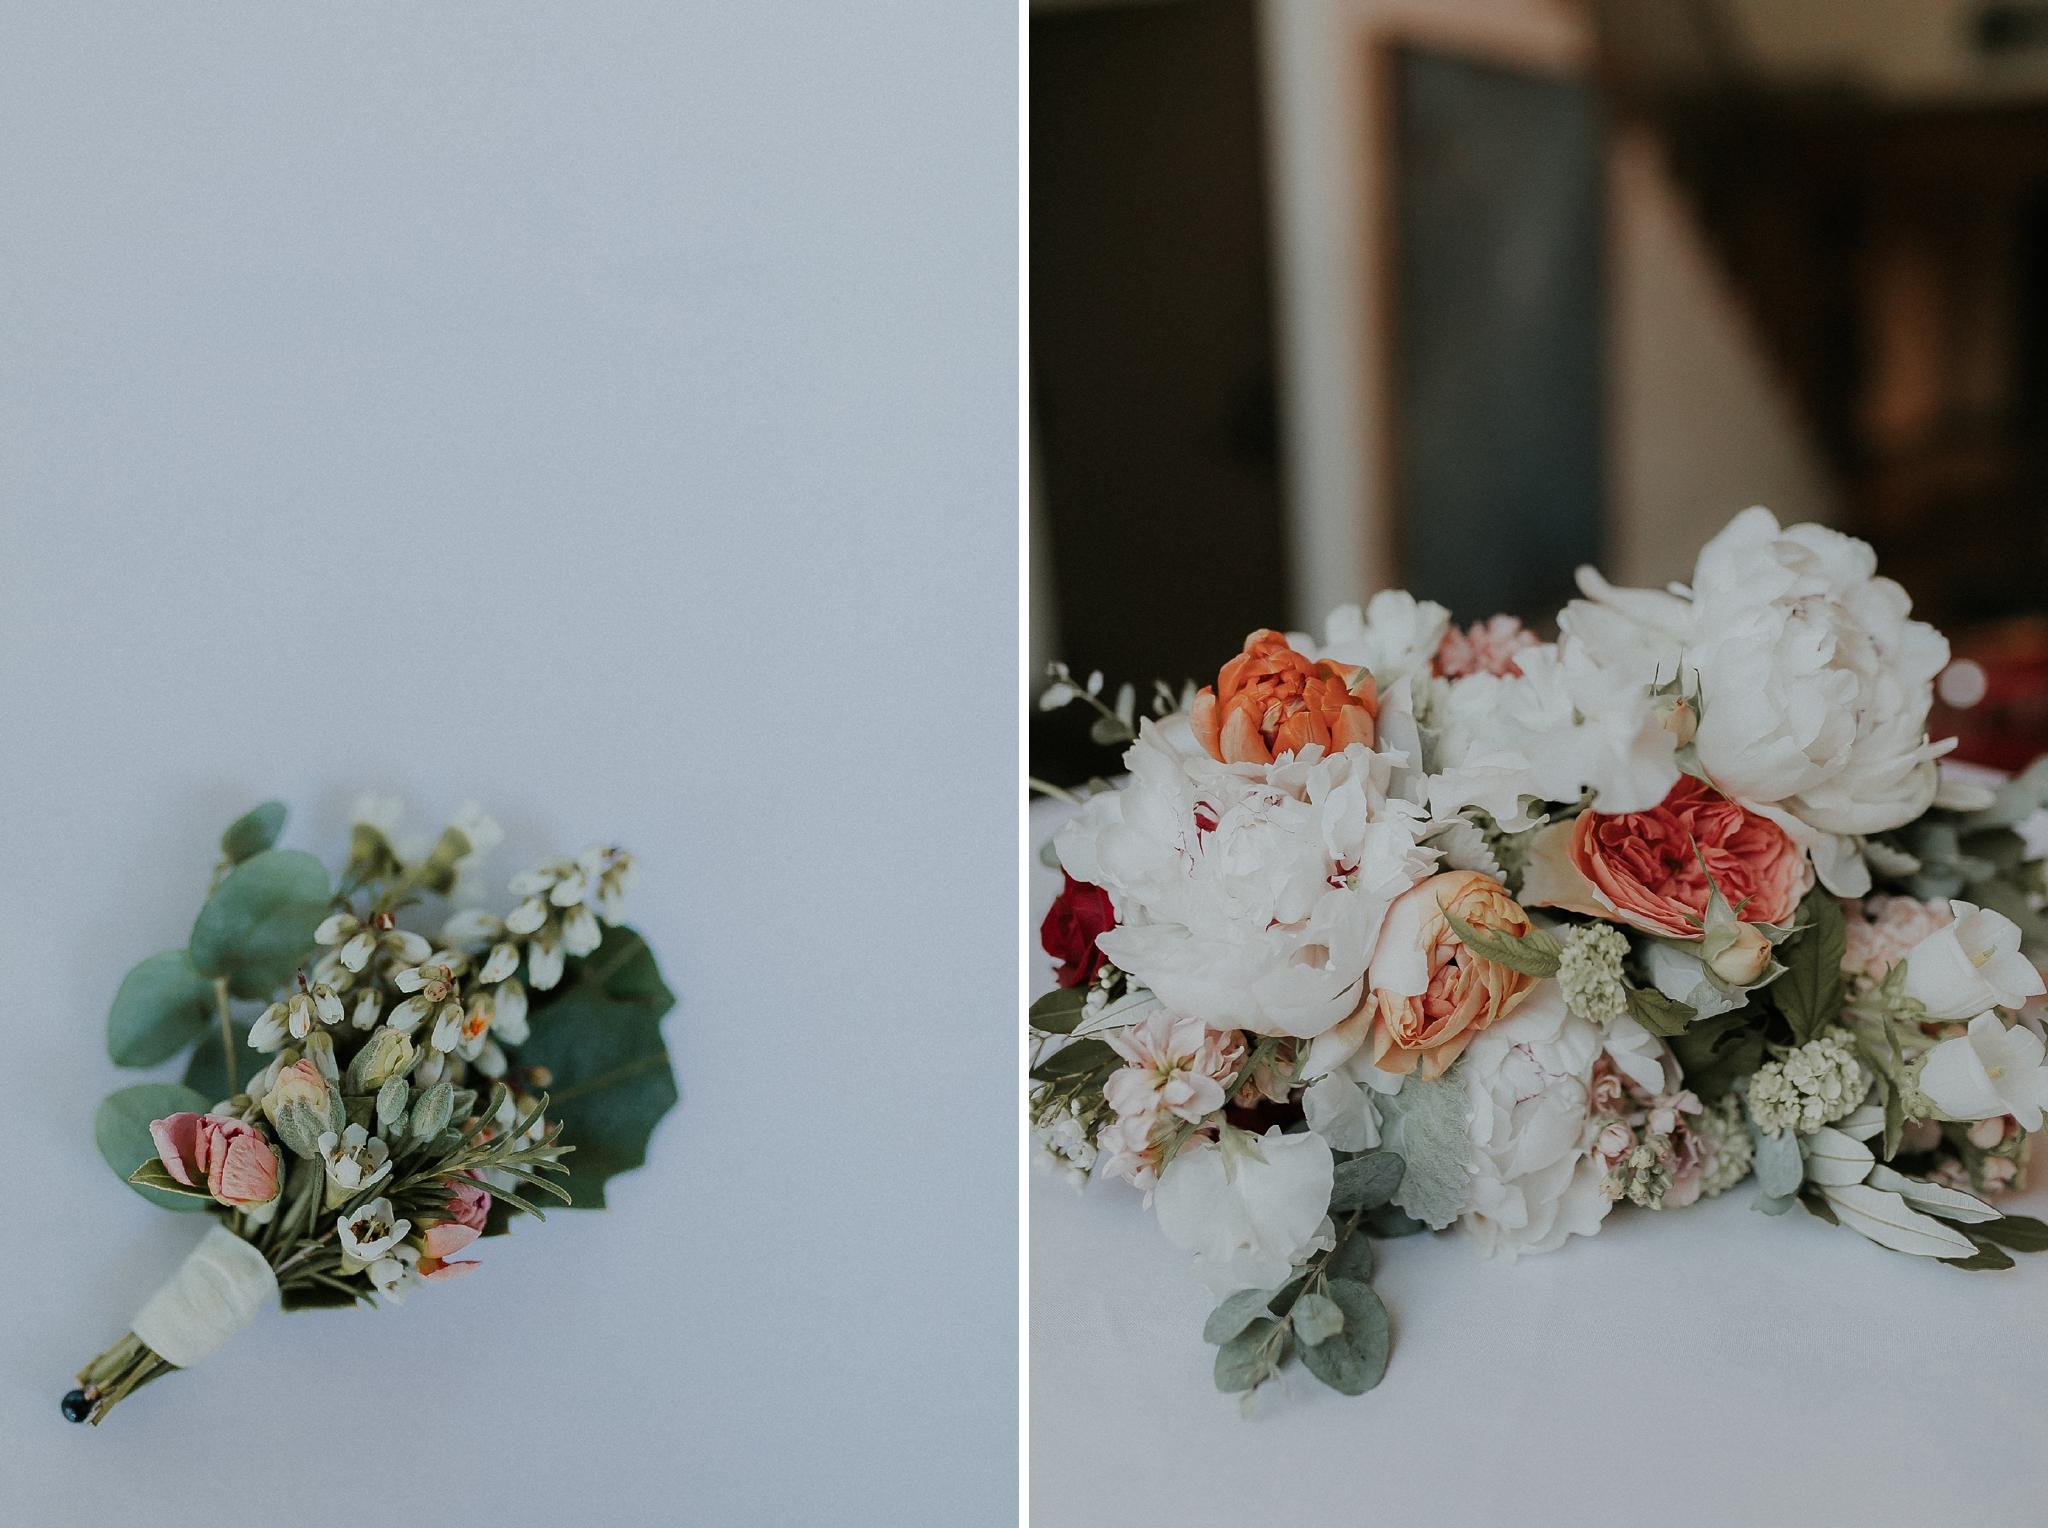 Alicia+lucia+photography+-+albuquerque+wedding+photographer+-+santa+fe+wedding+photography+-+new+mexico+wedding+photographer+-+new+mexico+wedding+-+new+mexico+florist+-+floriography+flowers+-+floriography+flowers+new+mexico+-+wedding+florist_0101.jpg